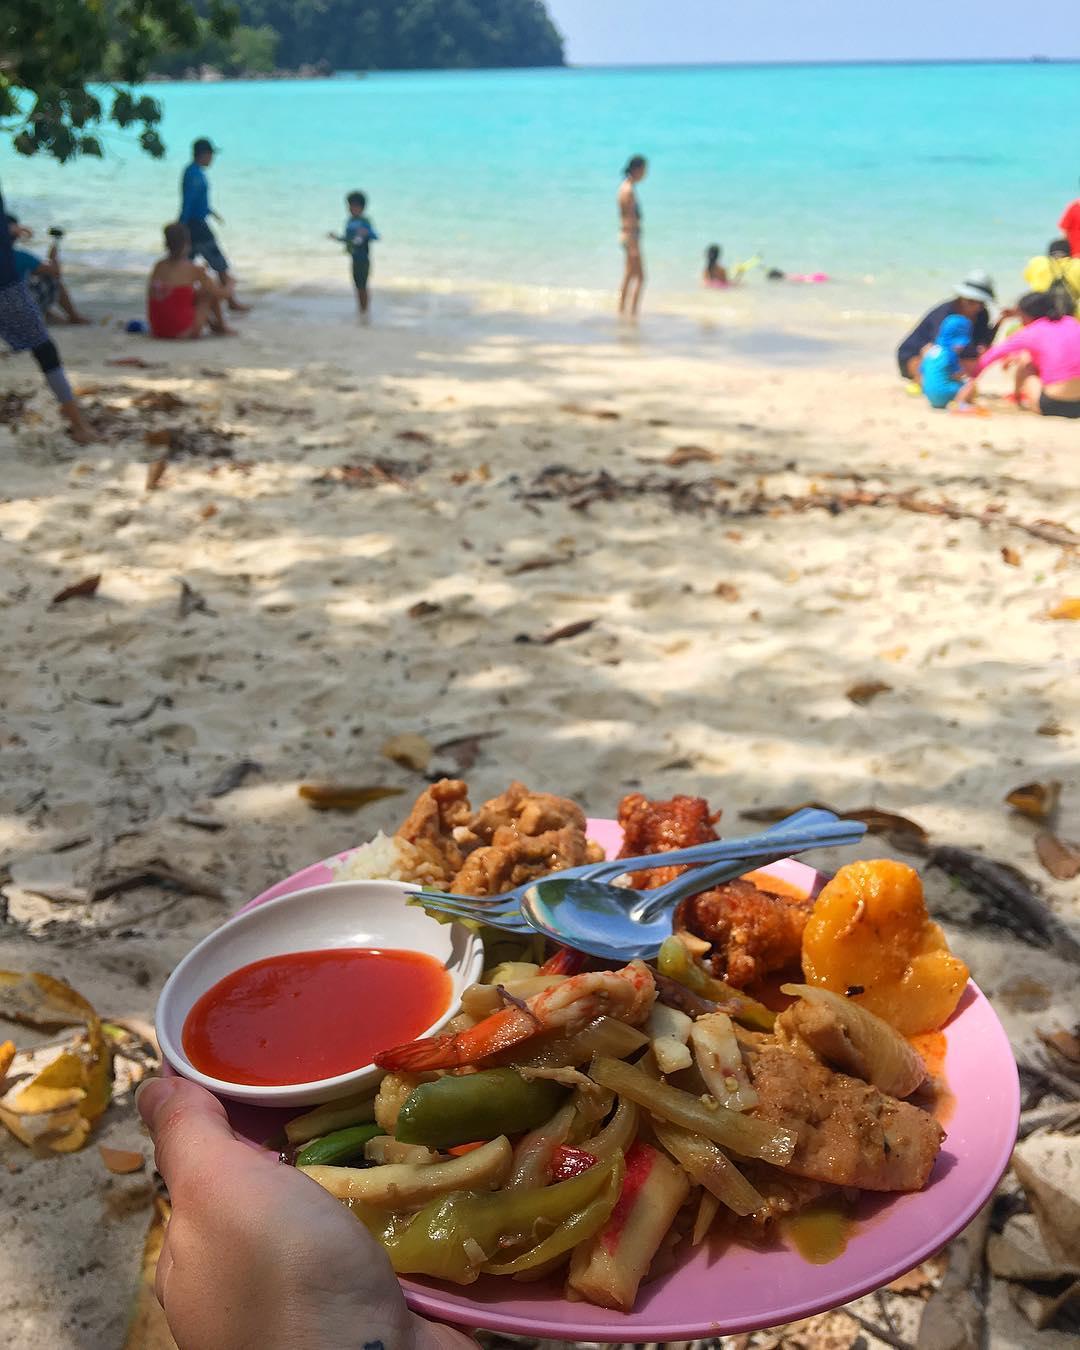 Pique-Nique au paradis ??? sur les îles Surin . . ⛴______ ➕ l  Les îles SURIN . ? | Khao Lak • Côte Ouest Thaïlande . ? | #PintadeThailande ? | Thaïlande Nord & Côte Ouest ??? ______ #thailande #thailand #bangkok #kohphiphi#kohlanta #kohsamui #kohphangan #kohtao #khaolak #chiangmai #cityguide #cityTrip #travel #blogTravel #TravelBlog #bloggervoyage #voYage #blogVoyage #frenchBlogger #blogueuse #blog #montpellier #pintademontpellier #food #foodlover